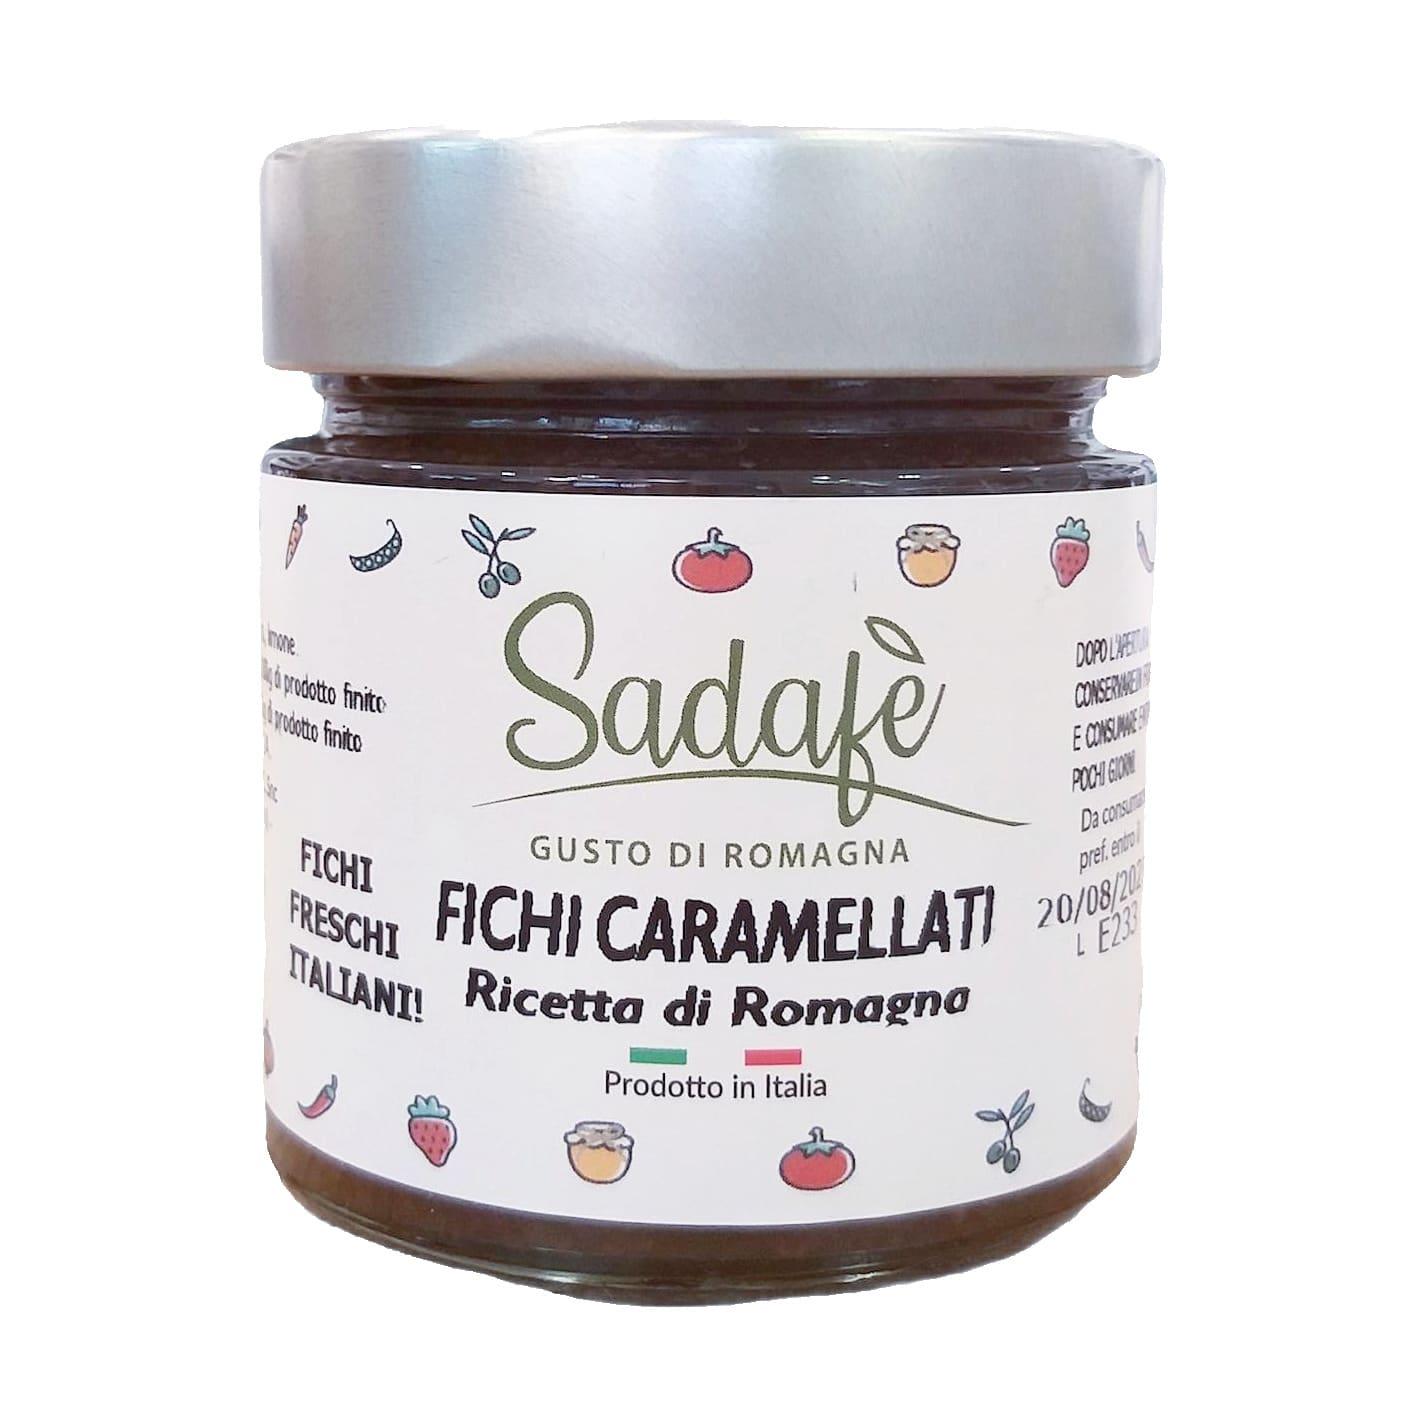 FICHI CARAMELLATI Sadafè - prodotti tipici romagnoli